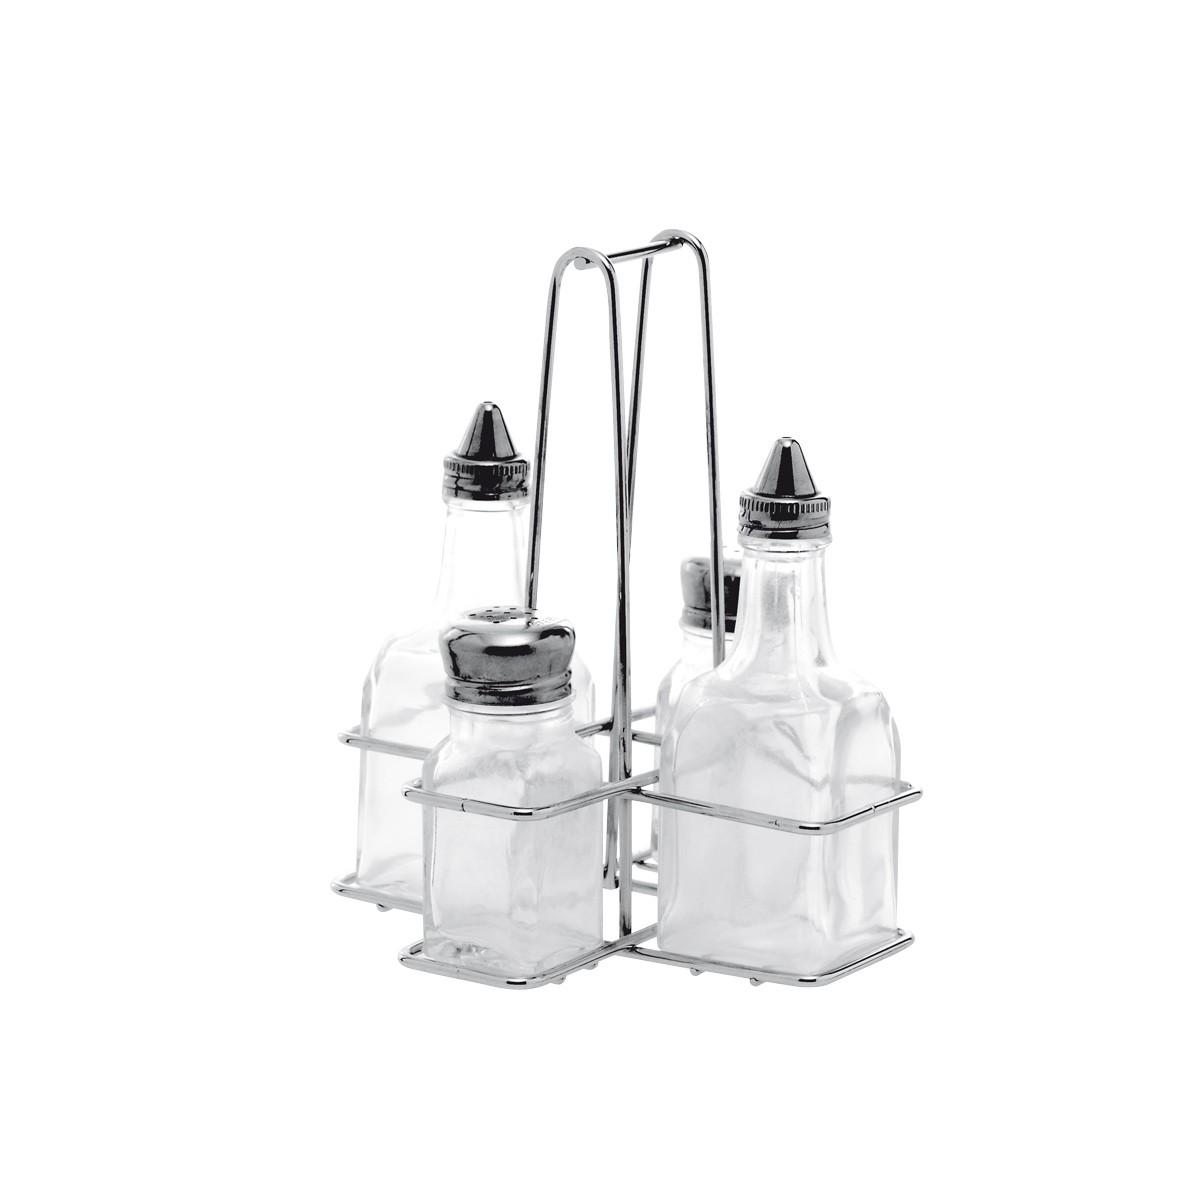 Αλατοπίπερο + Λαδόξυδο (Σετ) Home Design ZQ102